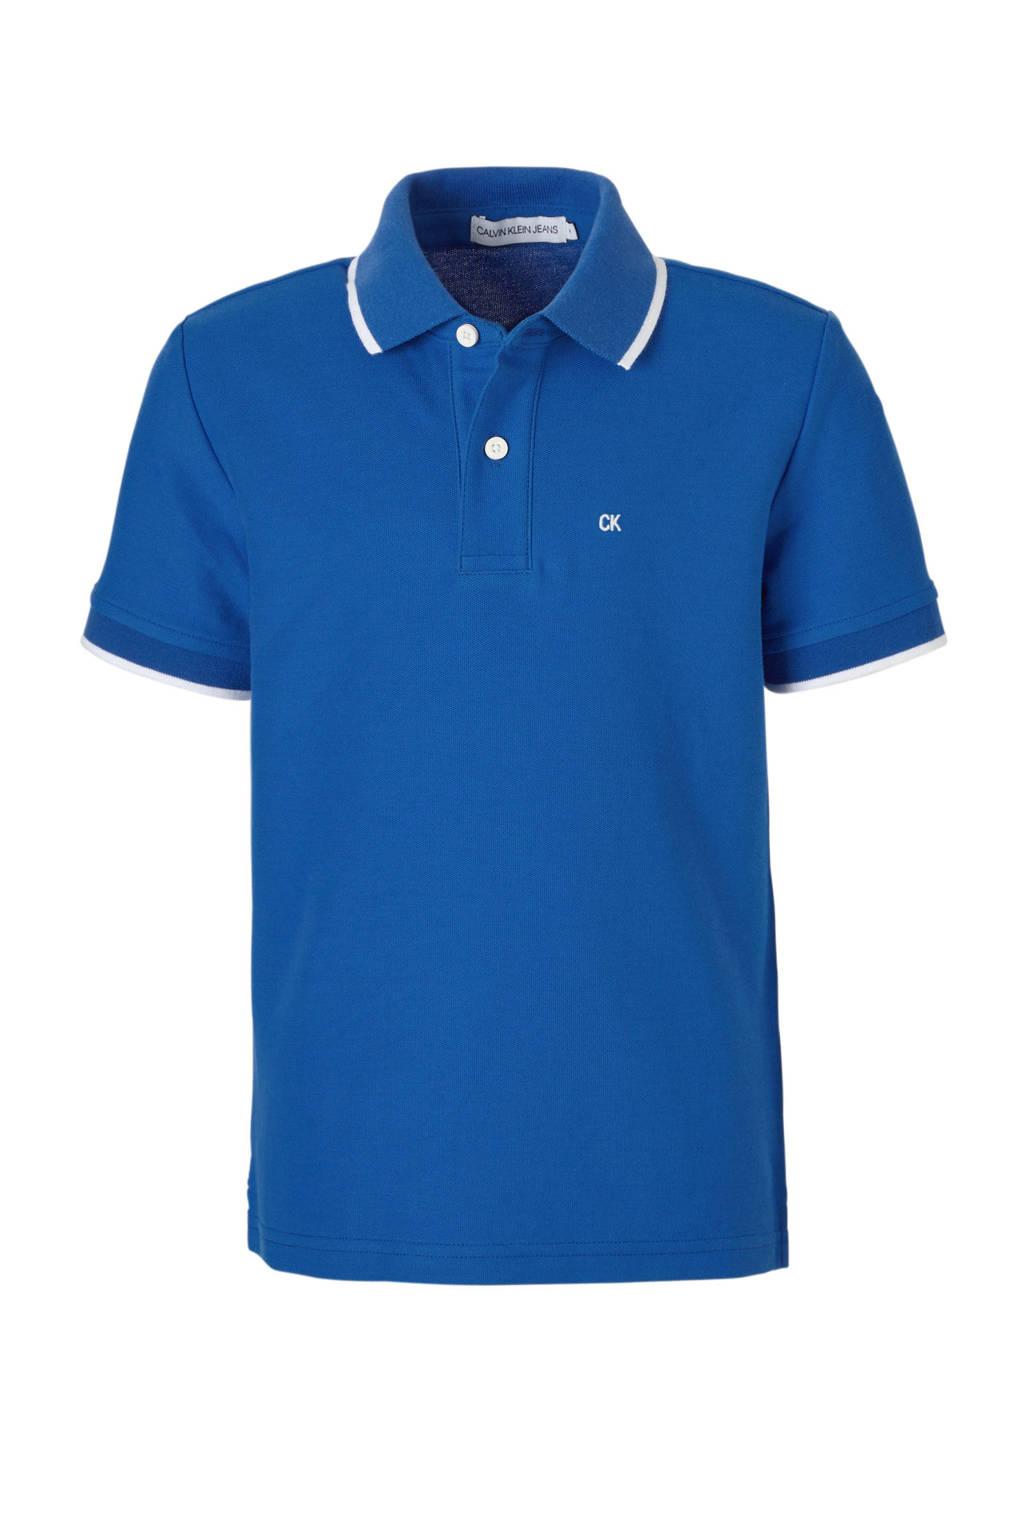 Calvin Klein Jeans polo kobaltblauw, Kobaltblauw